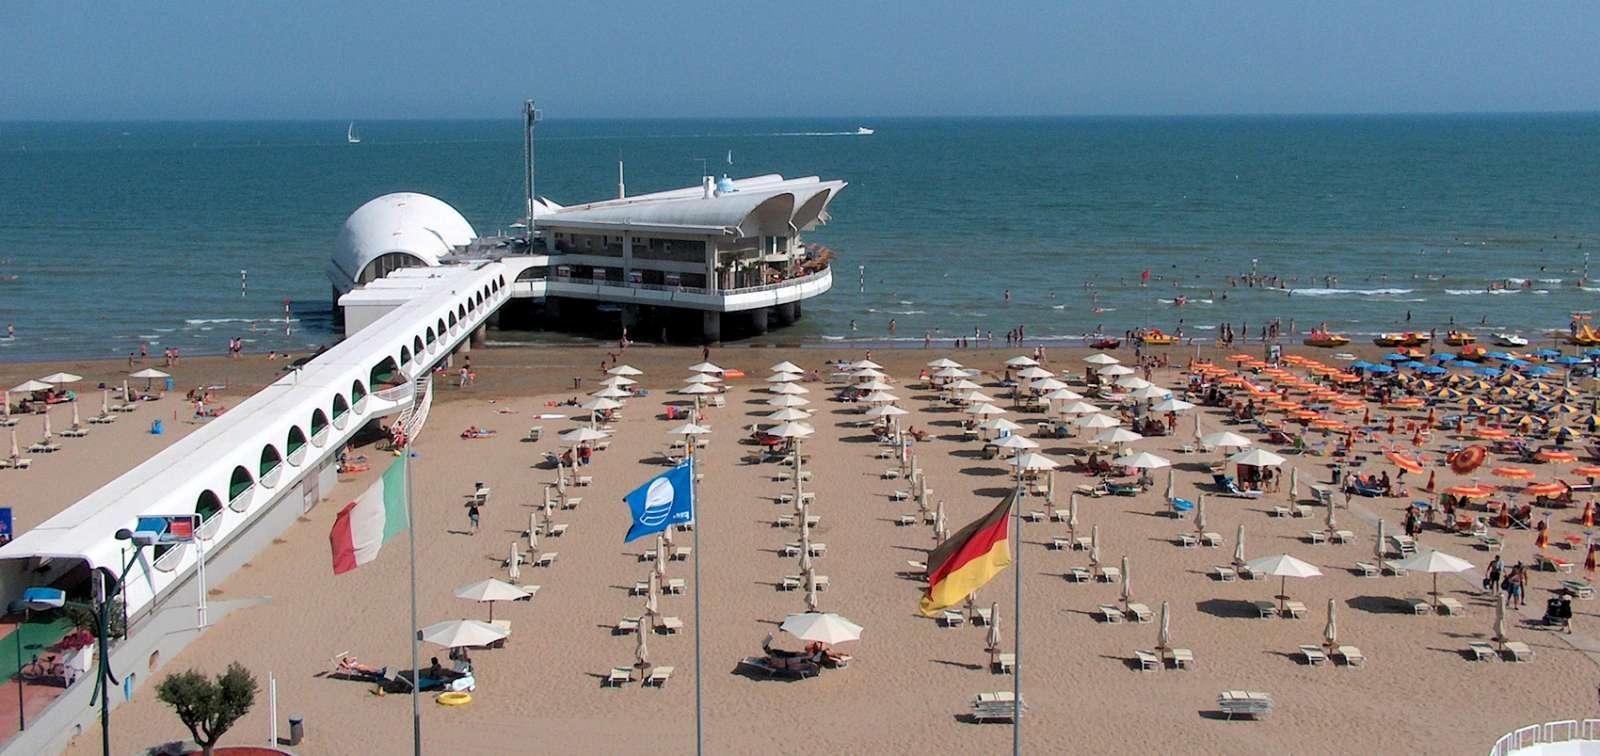 Der Strand in Lignano Sabbiadoro